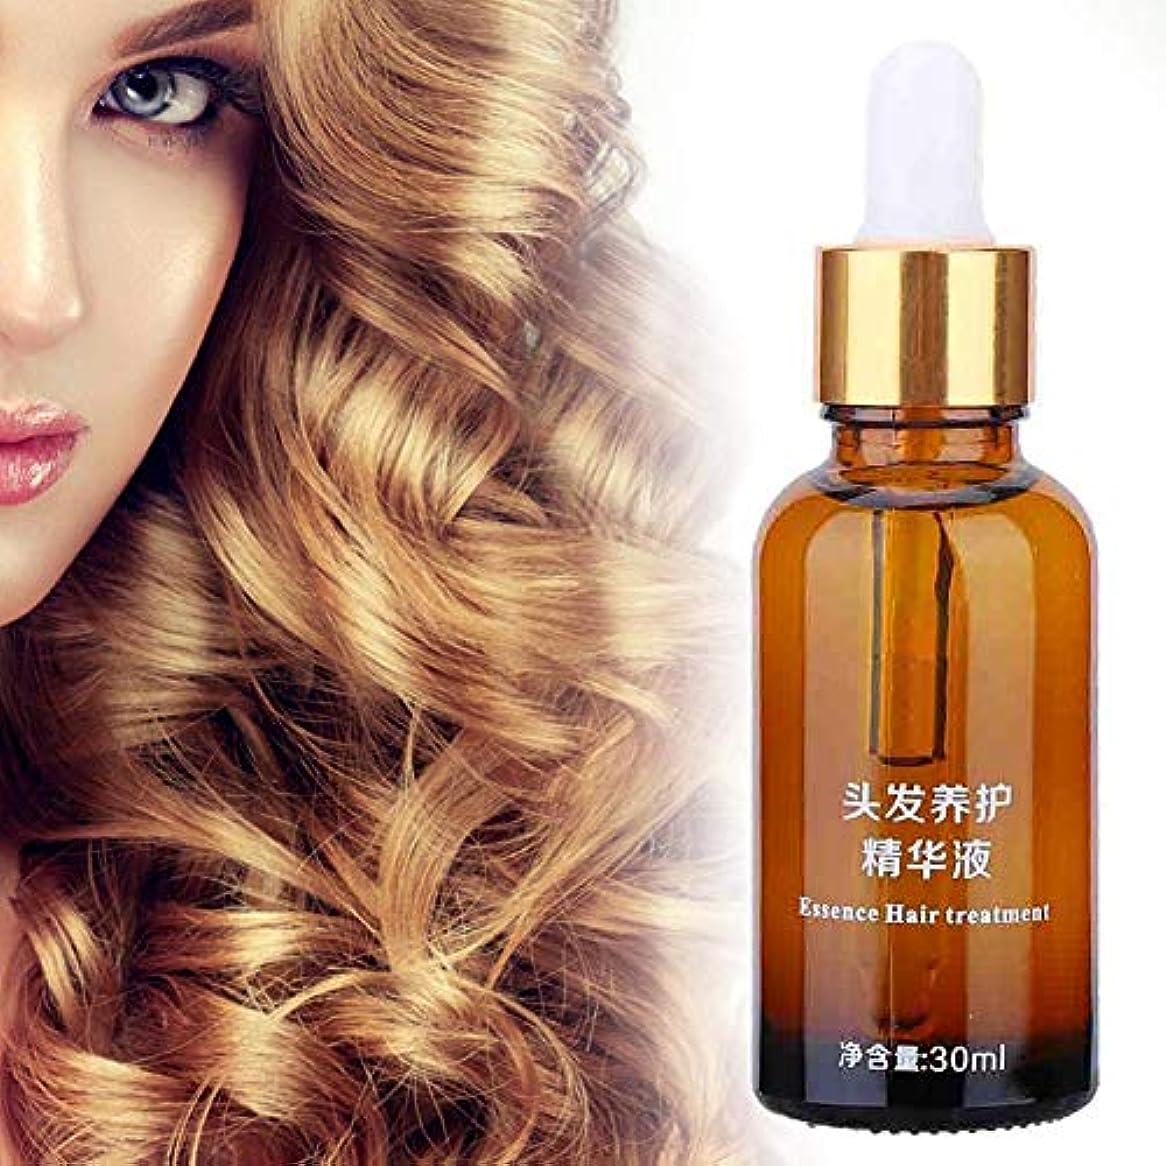 トピックフォーマル特別にヘアエッセンシャルオイル、頭皮の養毛を強化する毛根の乾燥によるダメージを減らしますヘアリペアエッセンシャル液体30ミリリットル